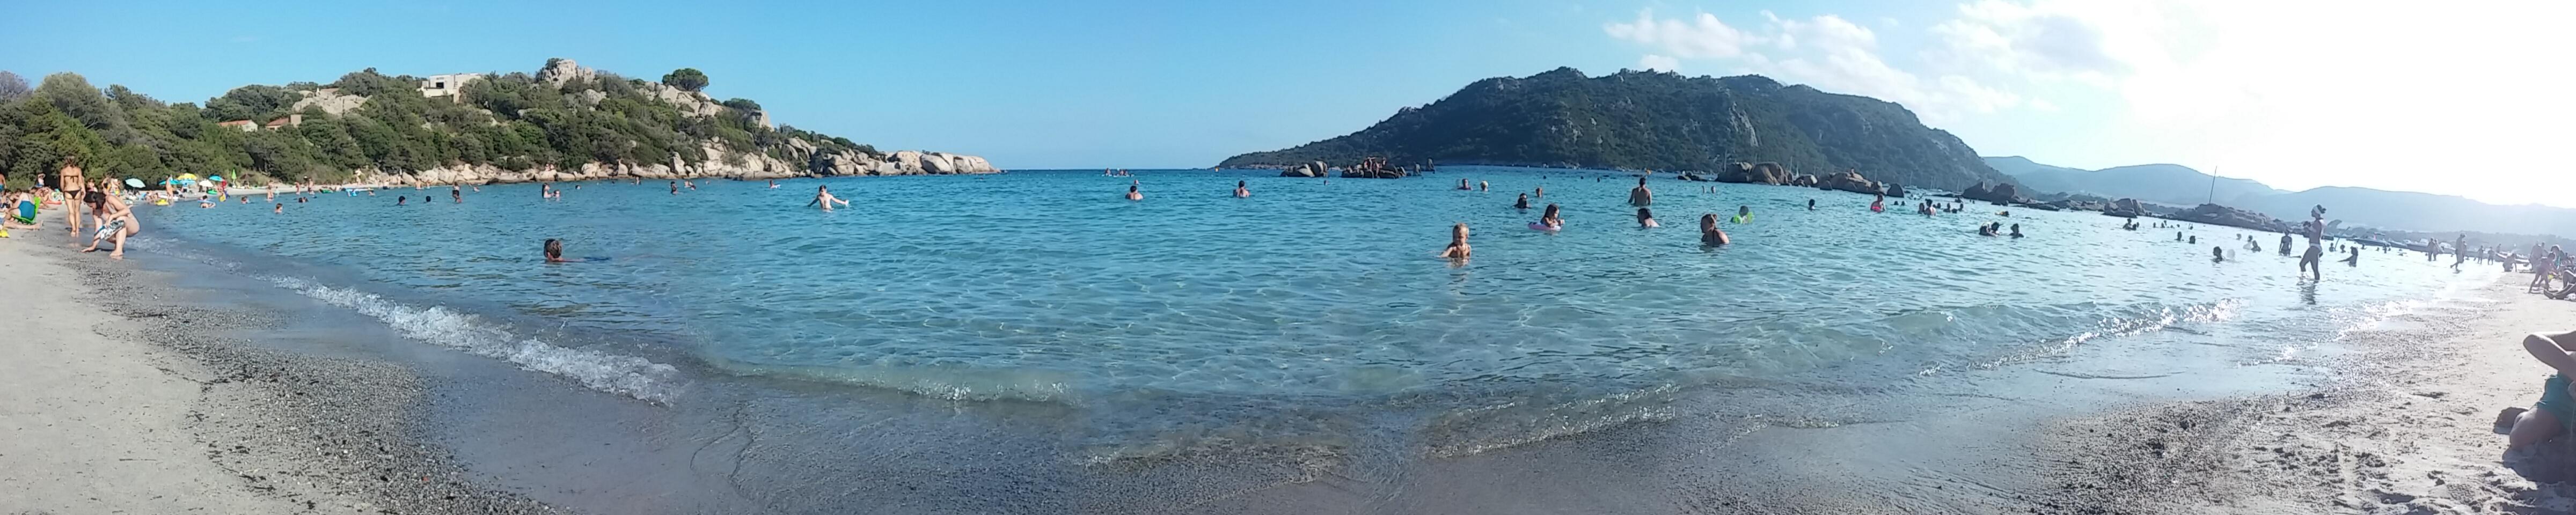 playa-santa-giulia-panoramica